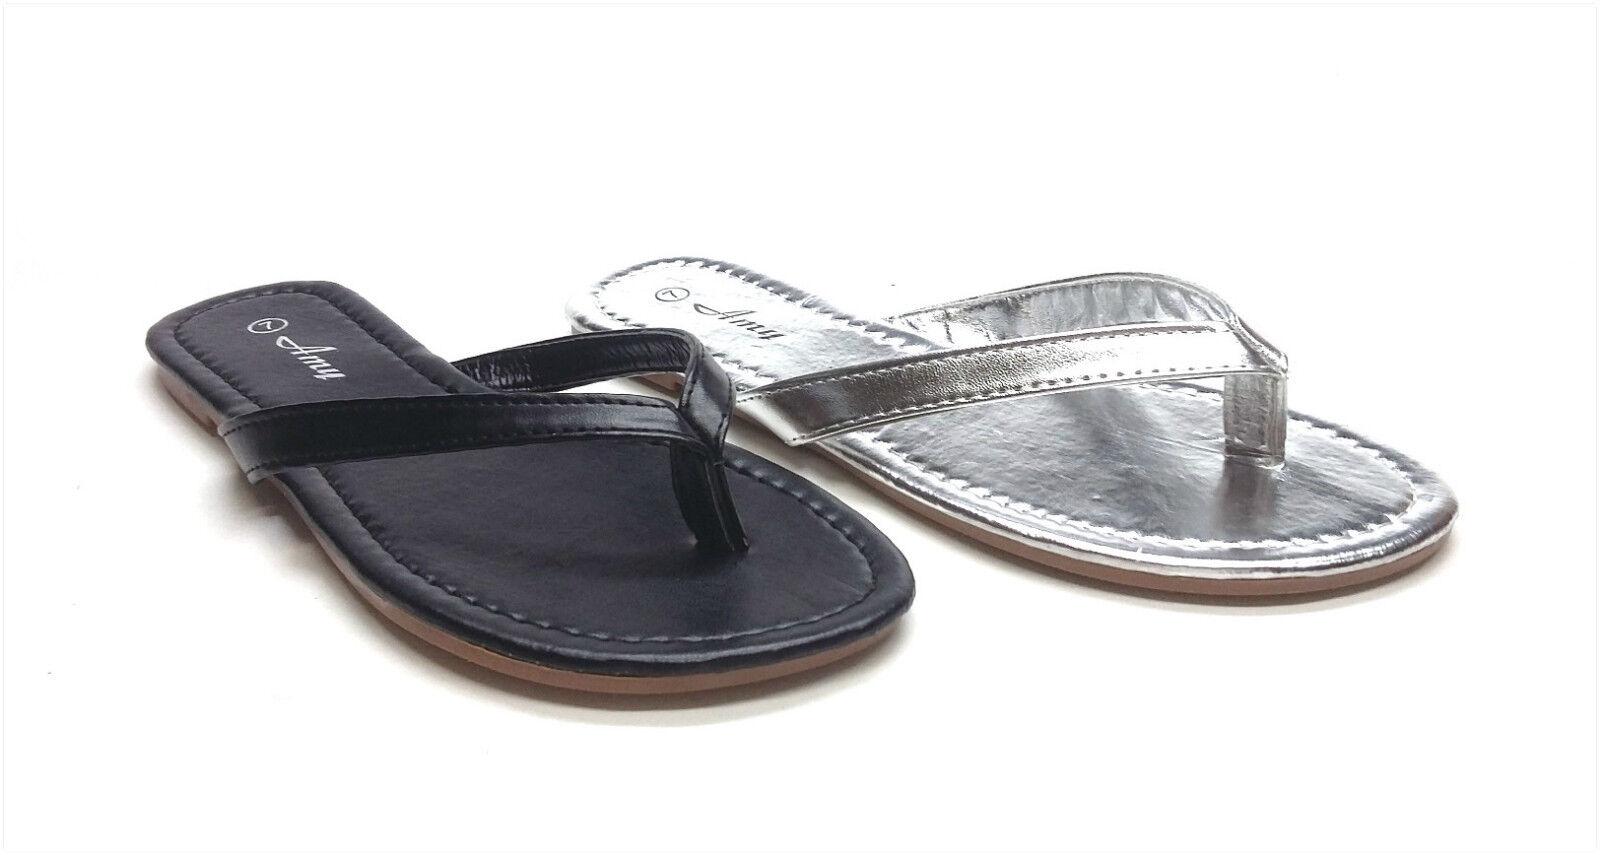 Rand New Women's Fashion Flip Flop - Sandal Shoes Size 5.5 - Flop 10 7b898c